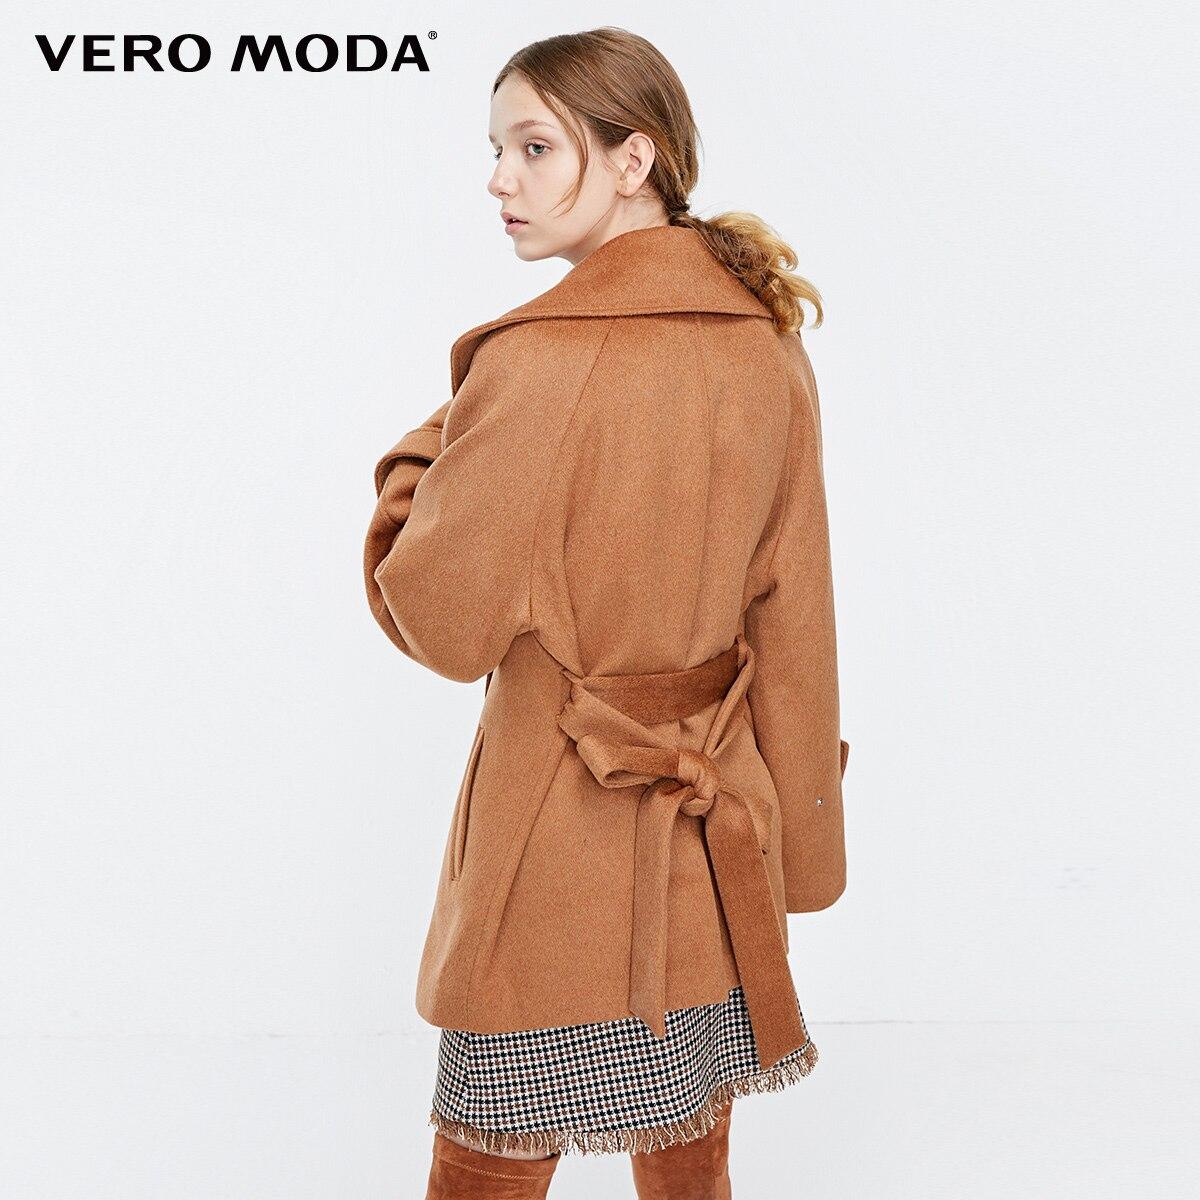 Vero Moda nowy lapel przycisk regulowany mankiet oversize wełniany płaszcz kobiet  318327522 w Wełna i mieszanki od Odzież damska na  Grupa 3